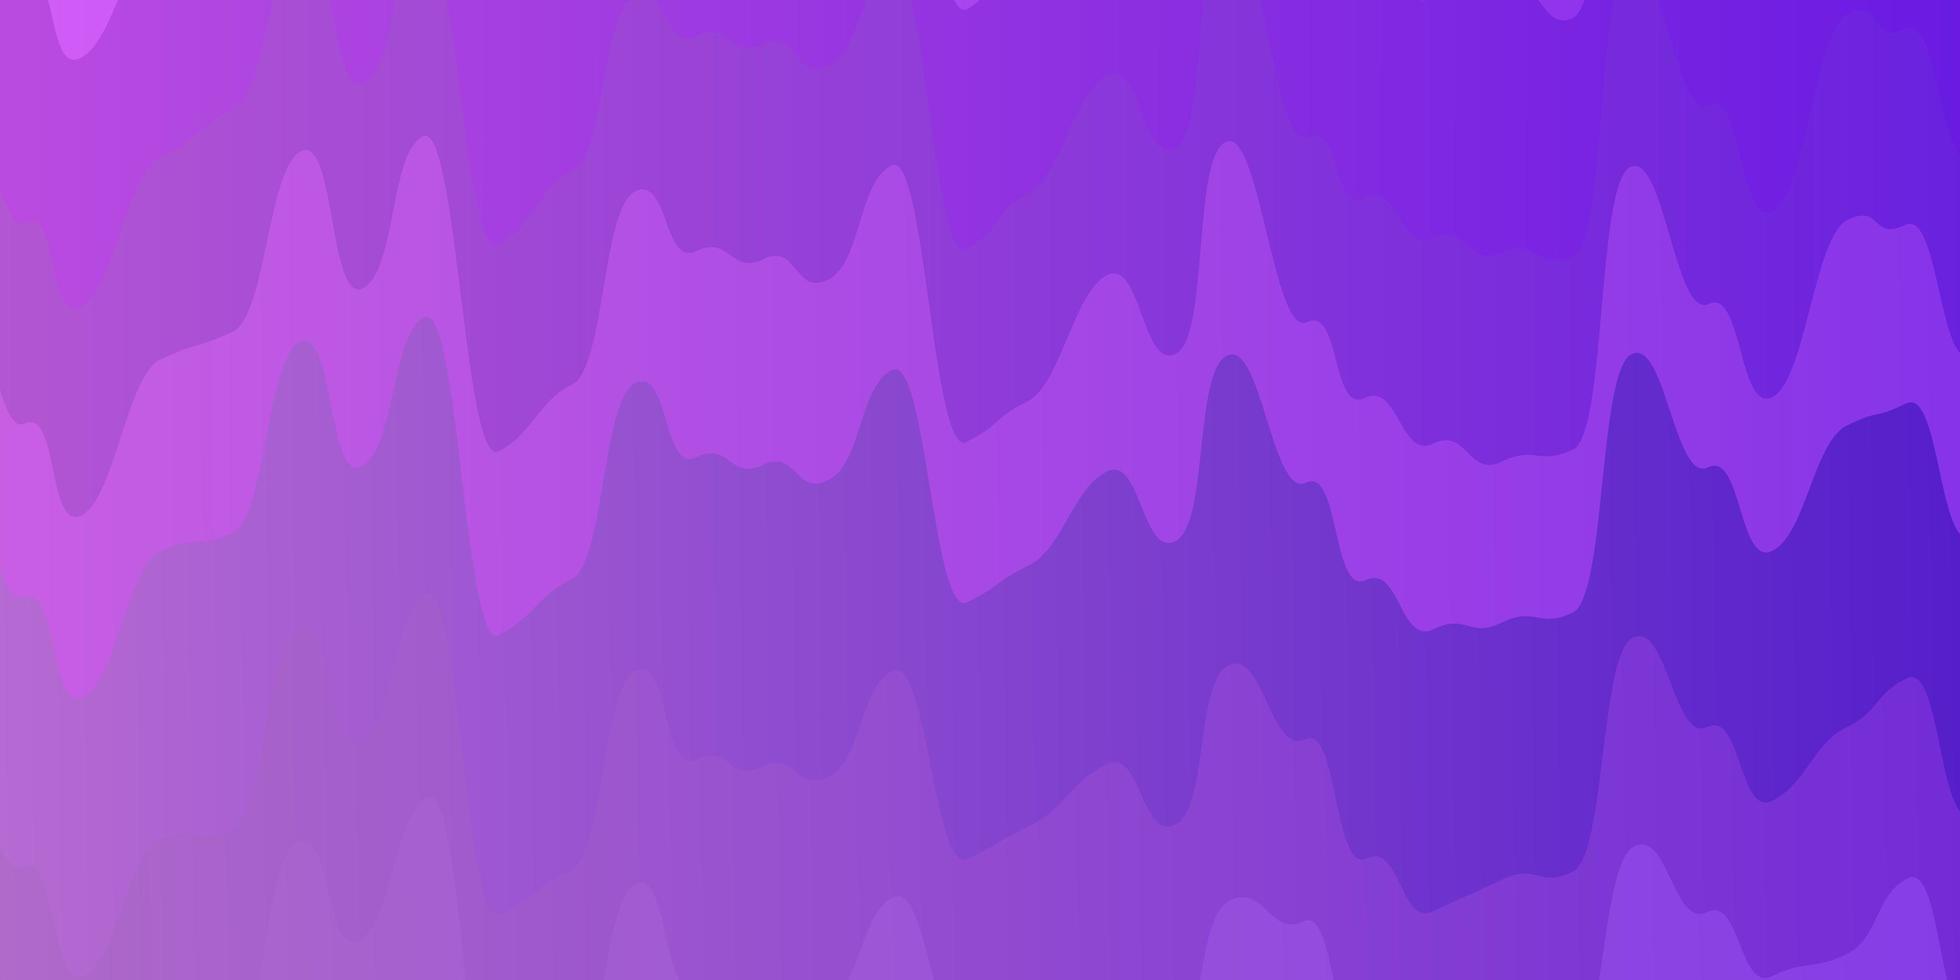 ljuslila vektorlayout med sneda linjer. vektor